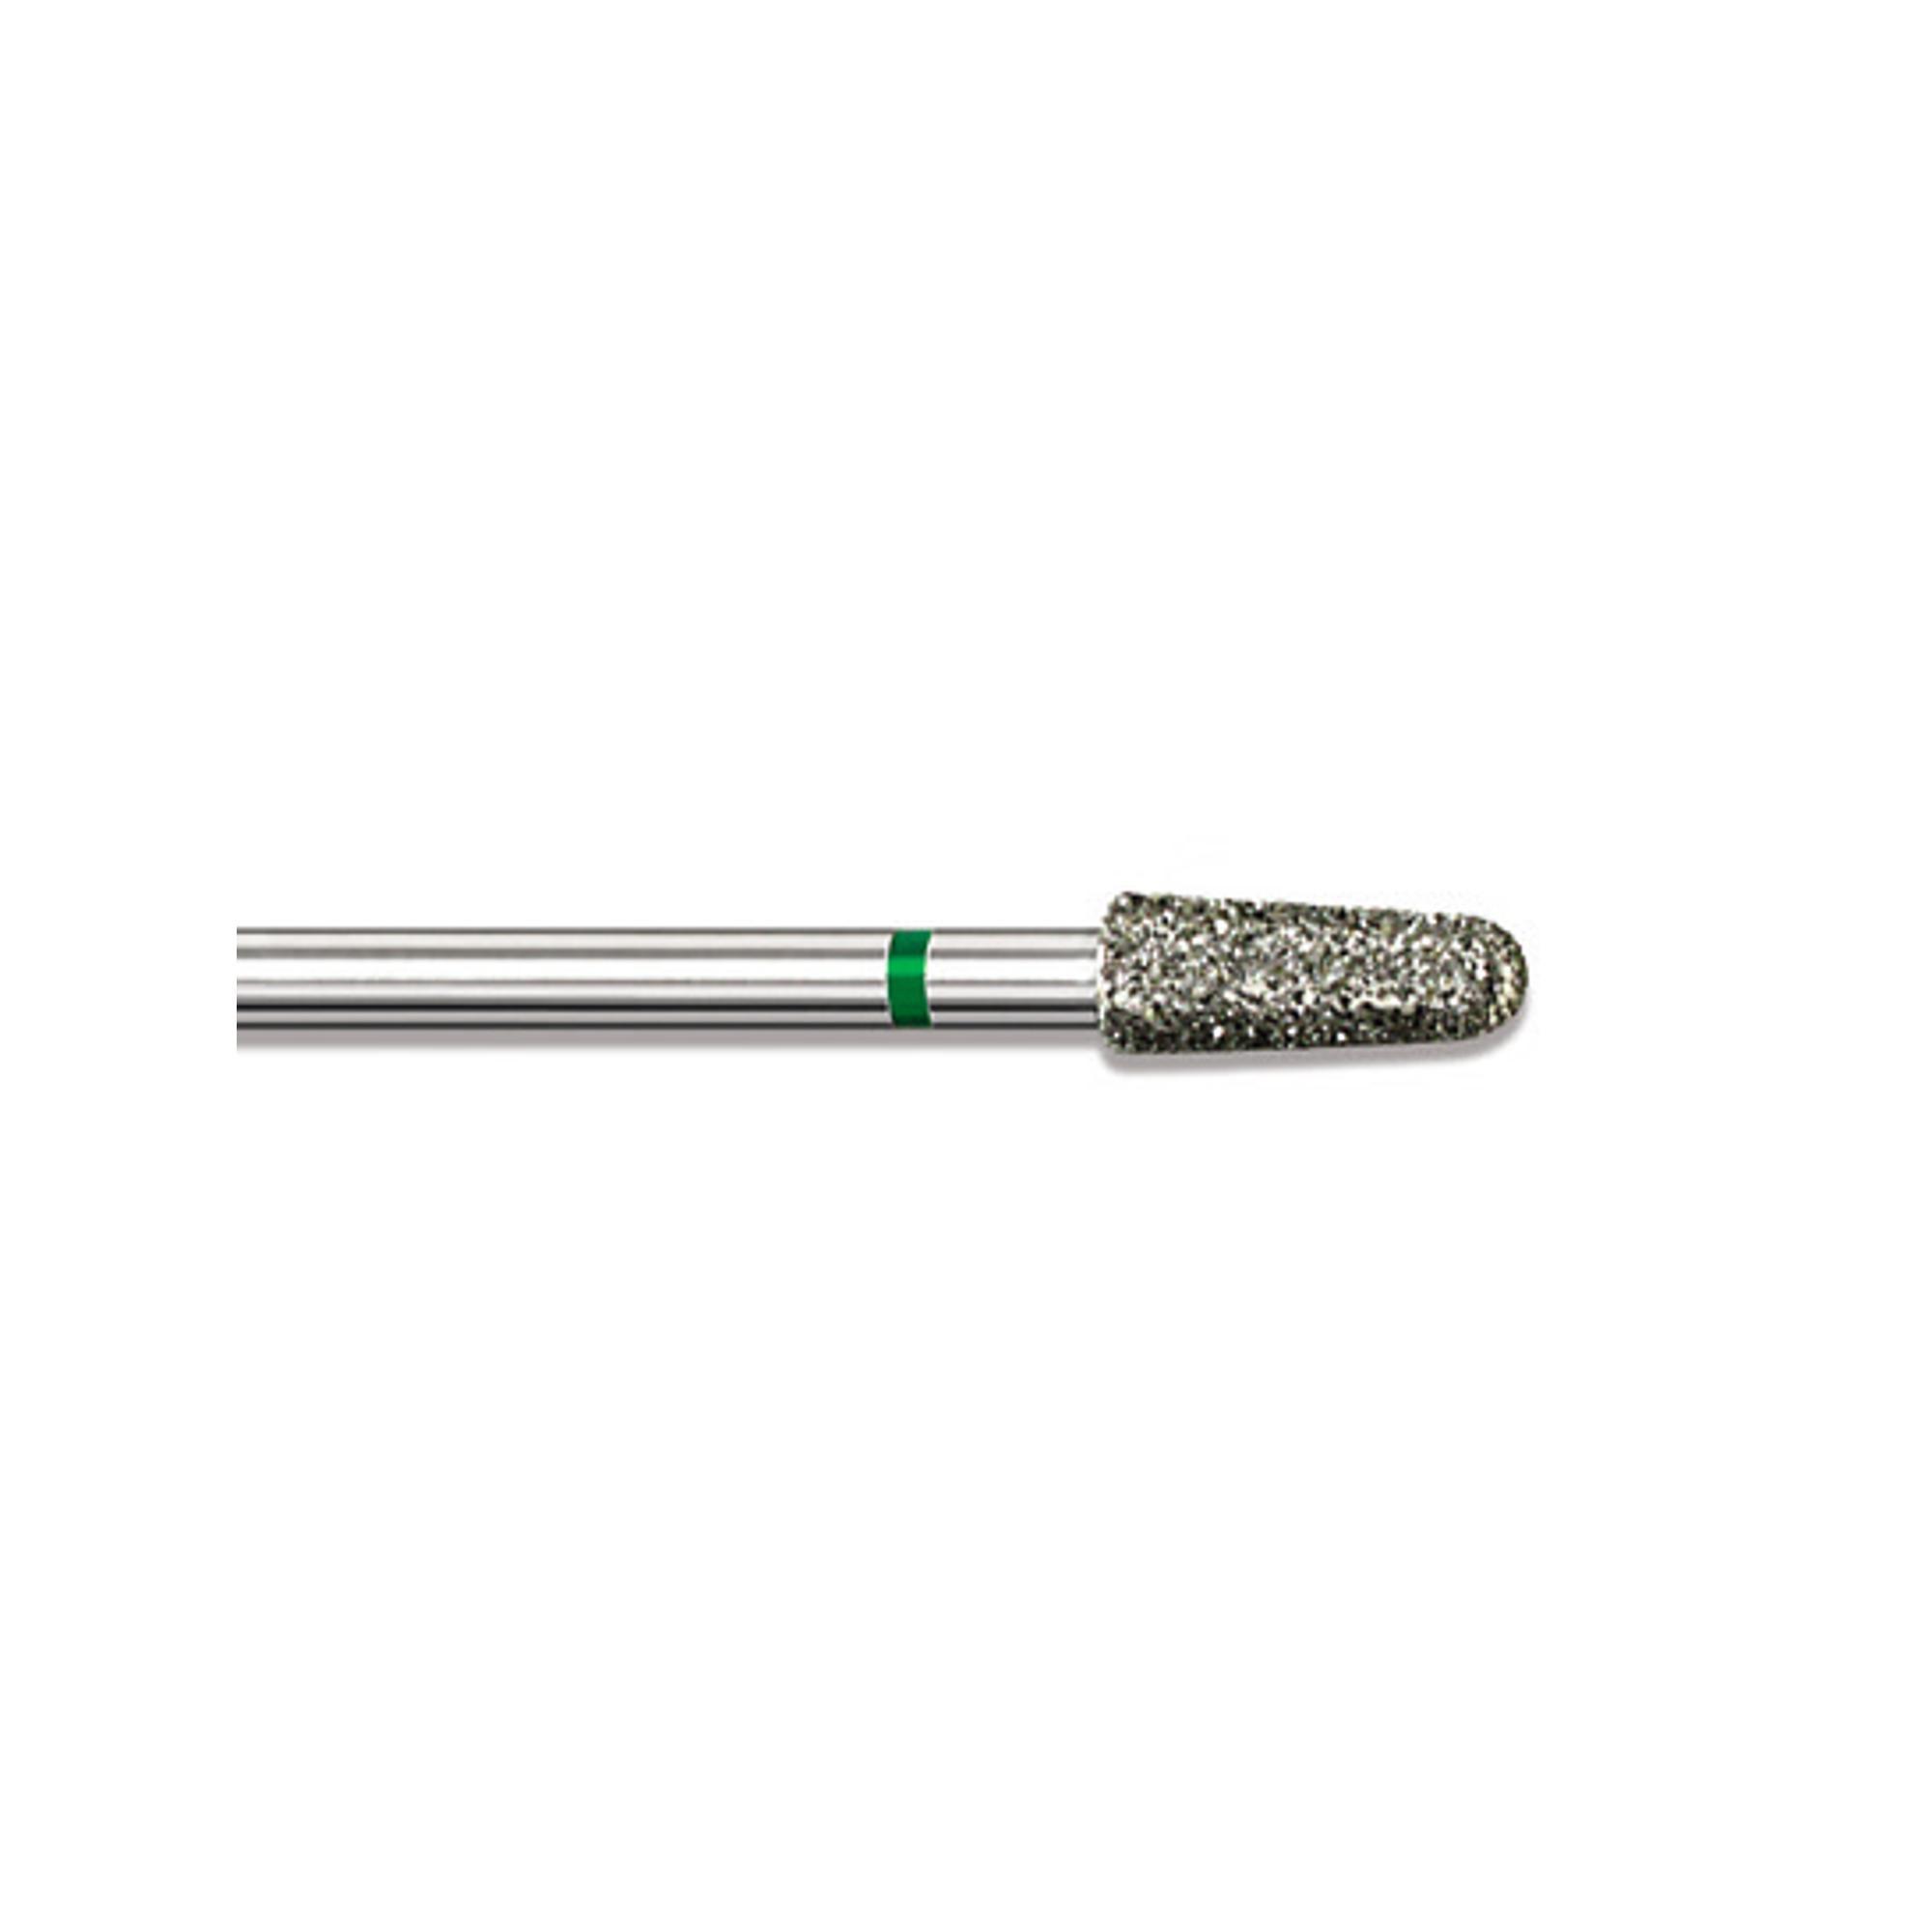 Fraise diamantée standard - Abrasion des callosités et dégrossissage de l'ongle - Gros grain - ø3,5mm